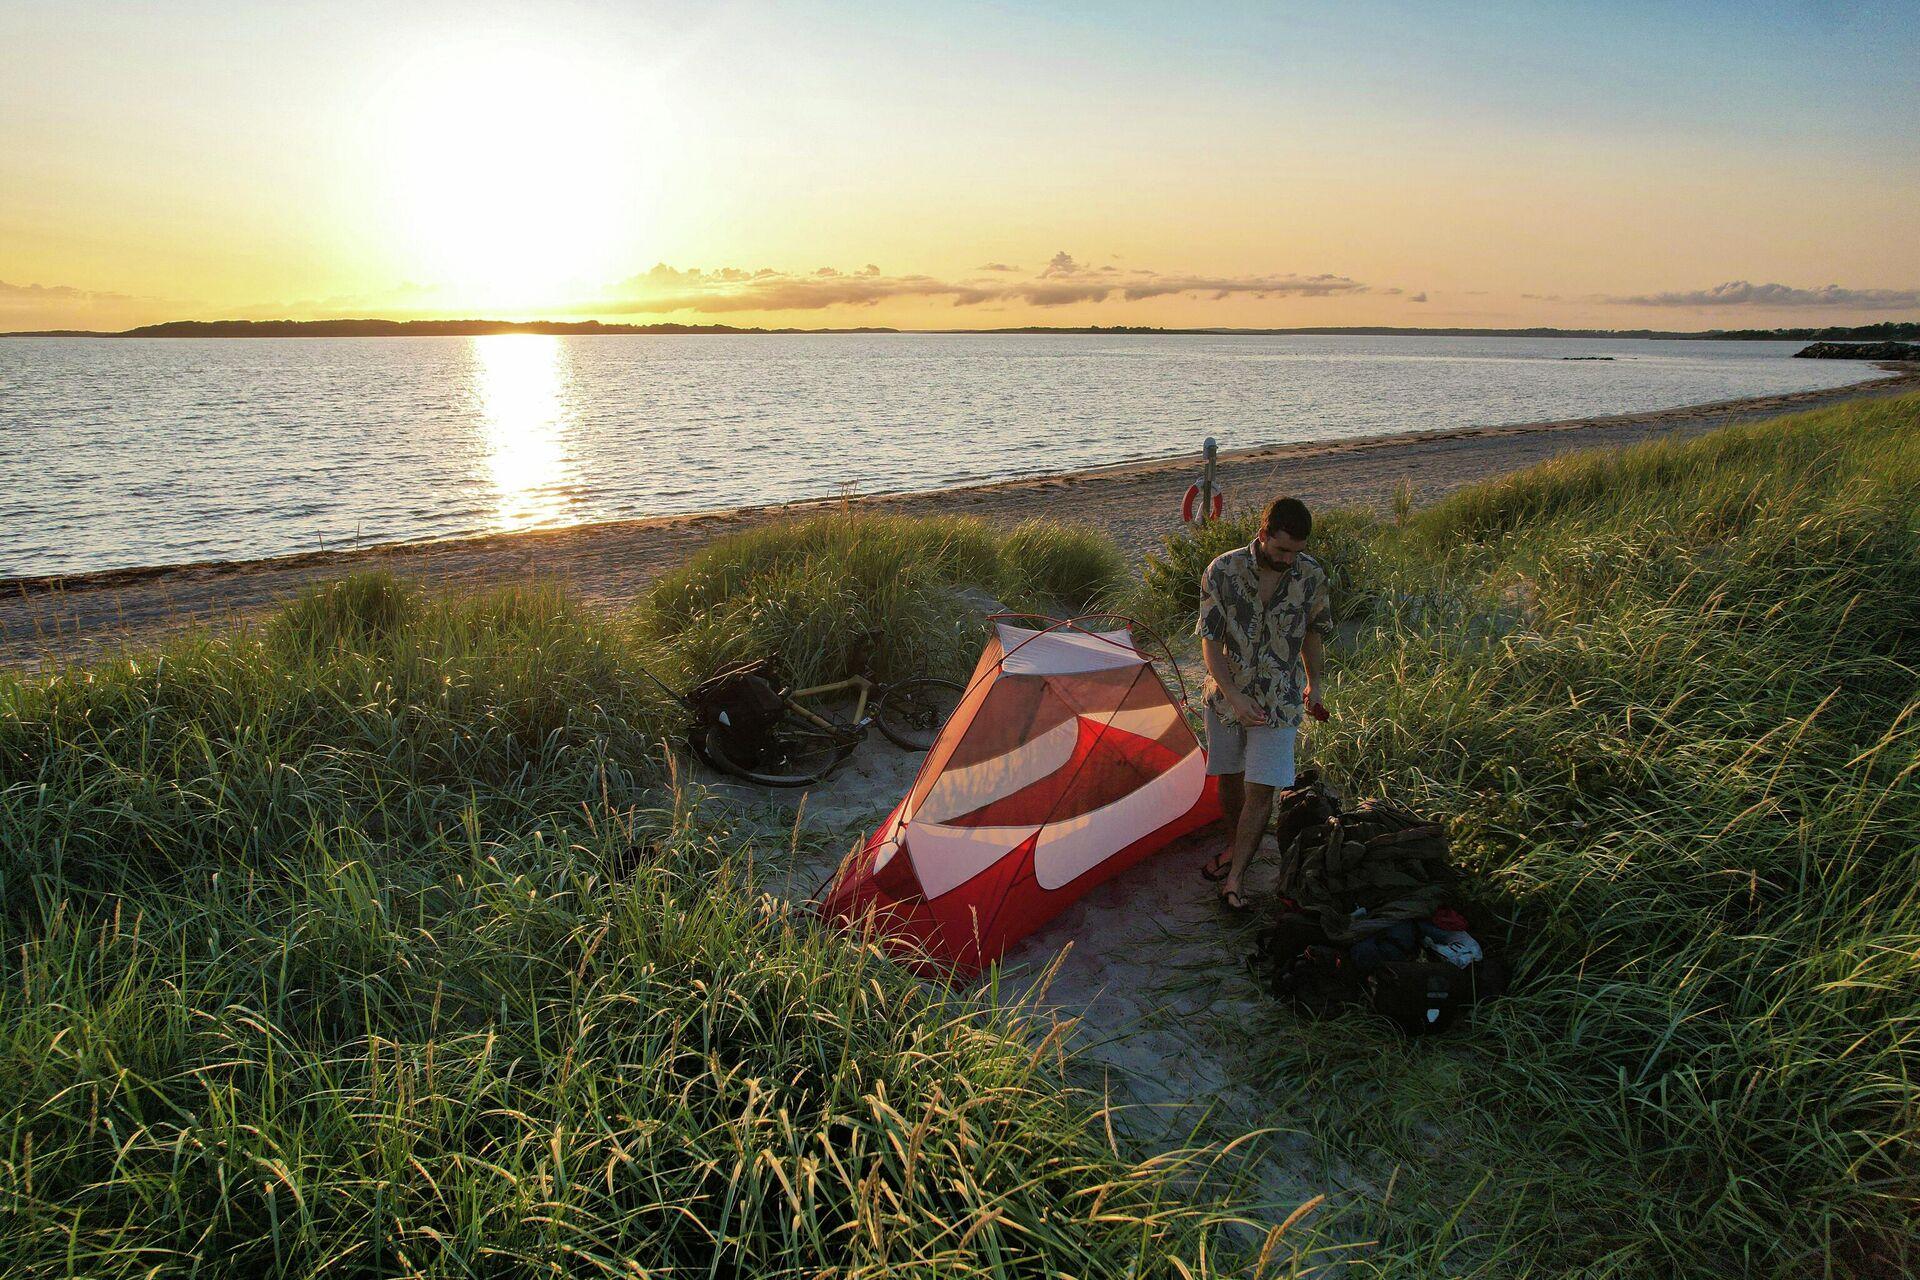 Sergi Unanue acampado en una playa del norte de Europa - Sputnik Mundo, 1920, 01.10.2021